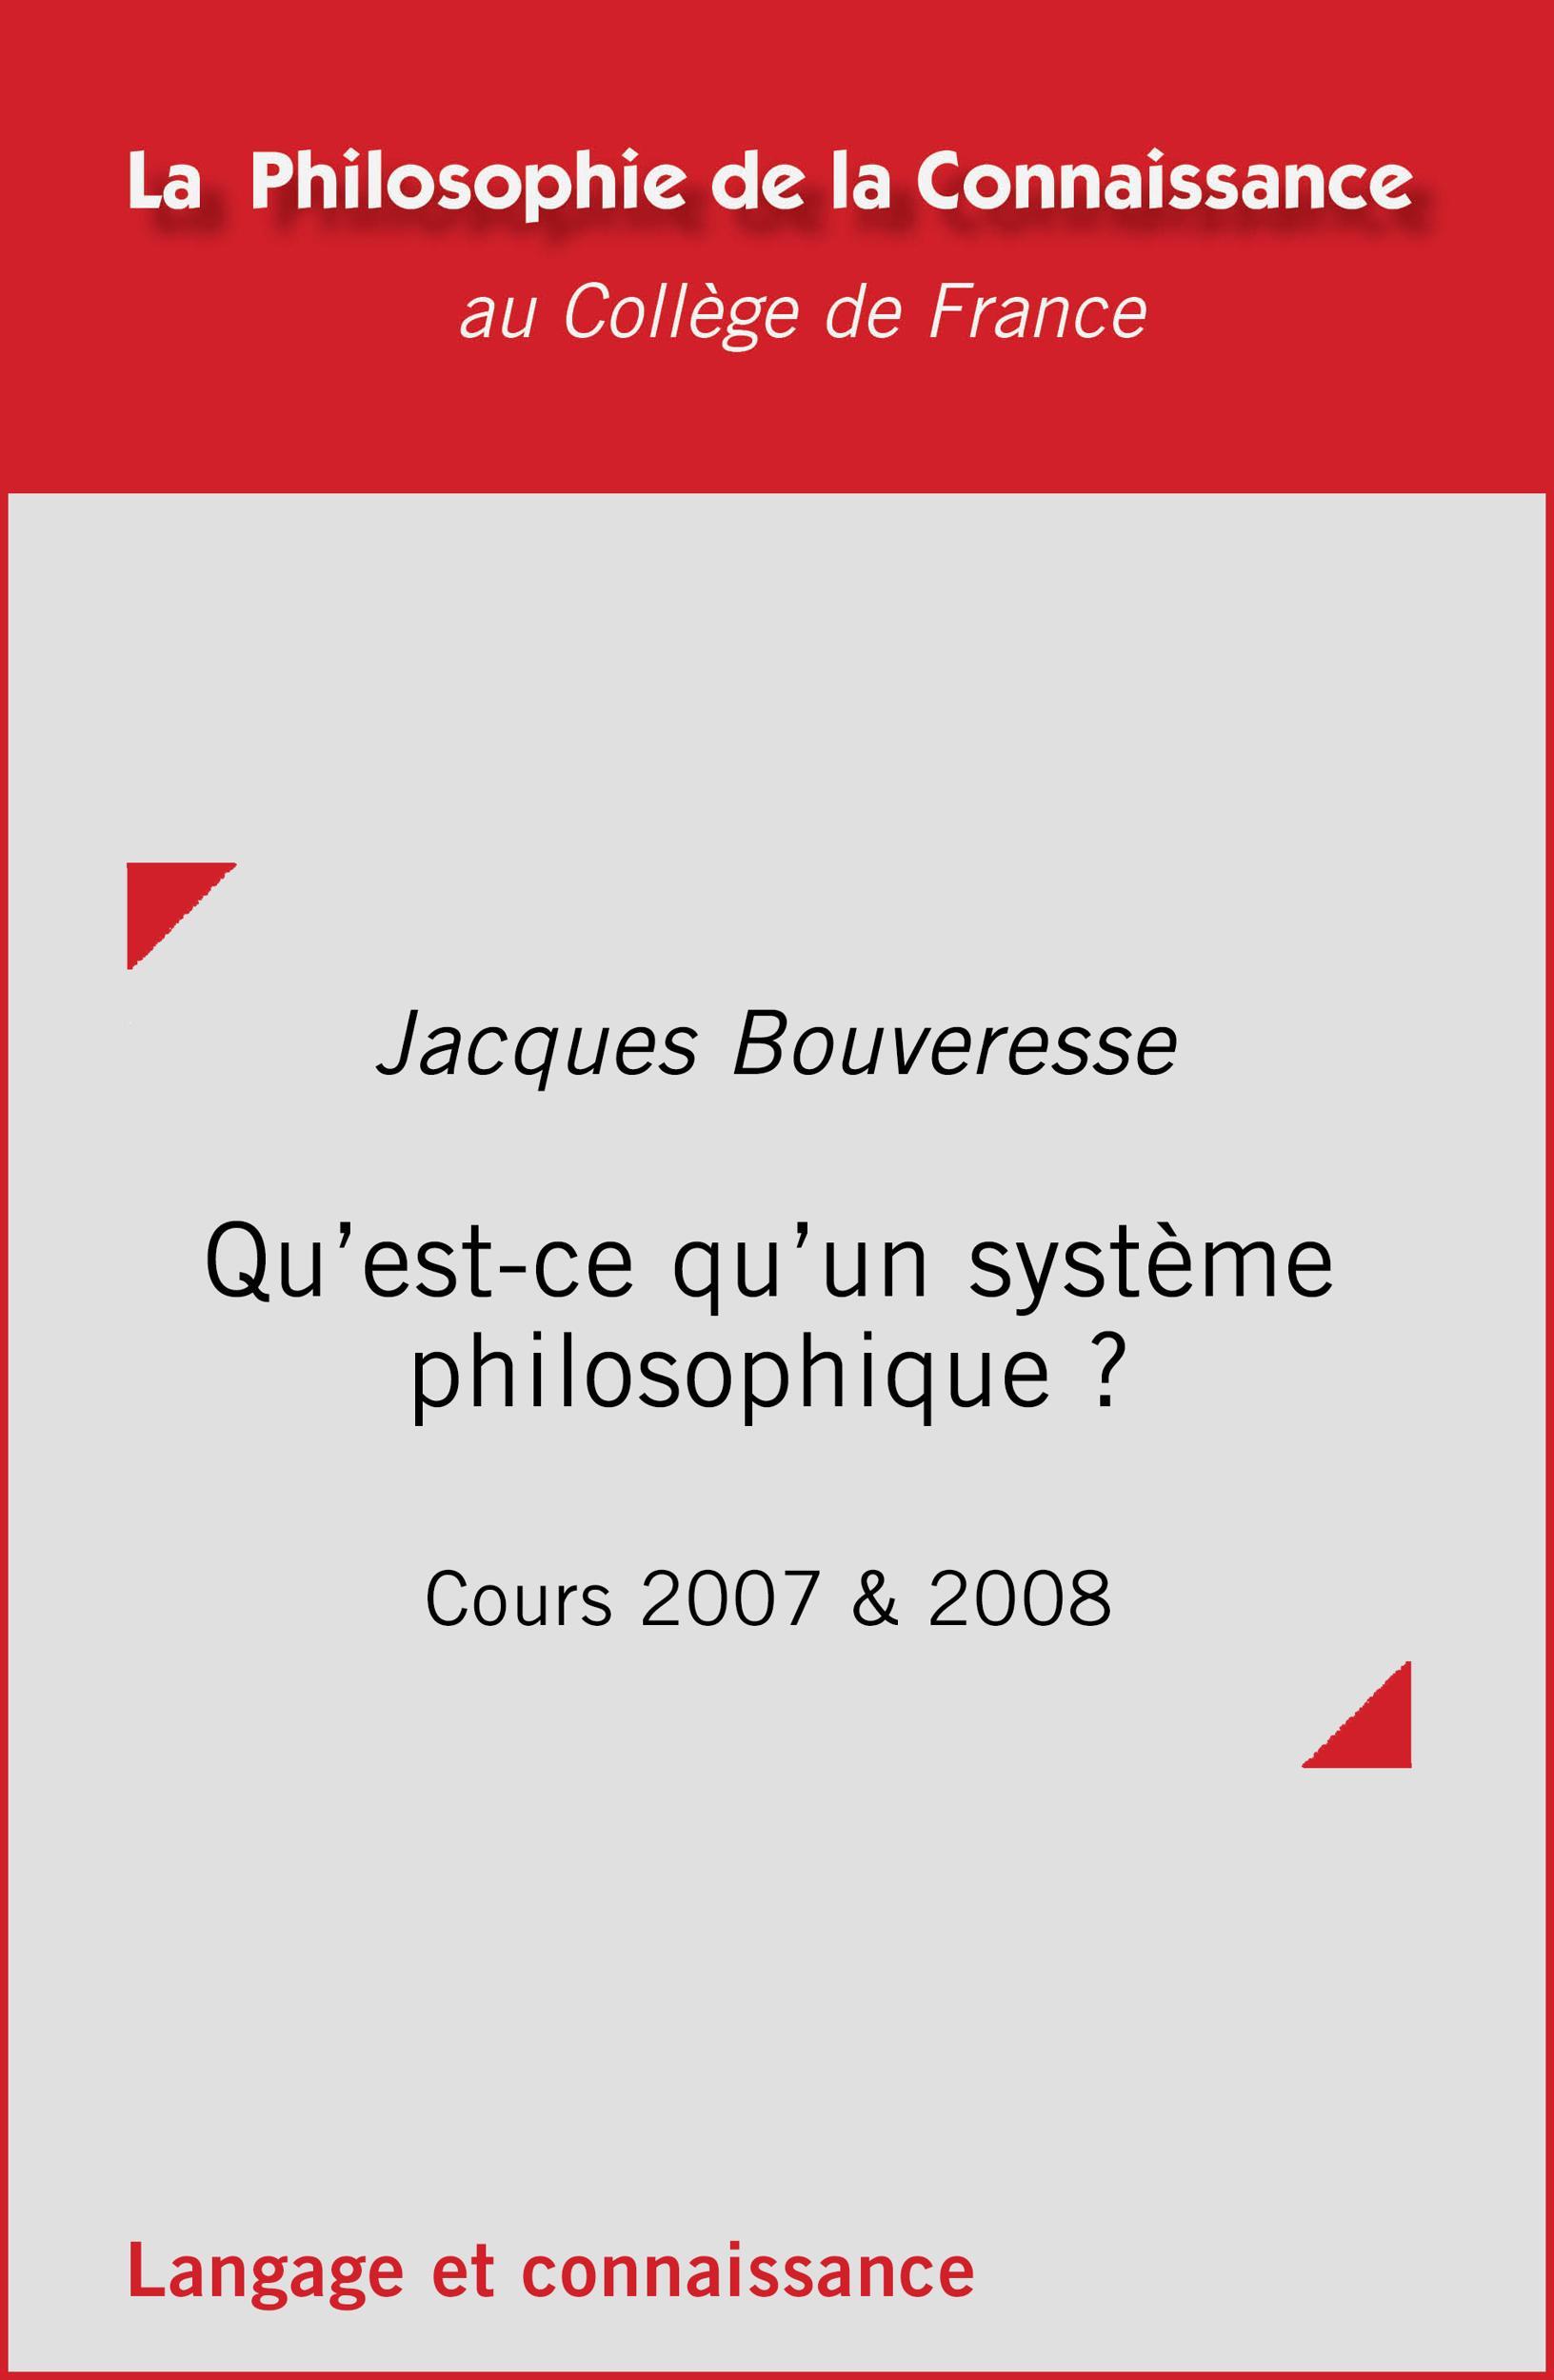 Qu'est-ce qu'un système philosophique?, COURS 2007 ET 2008